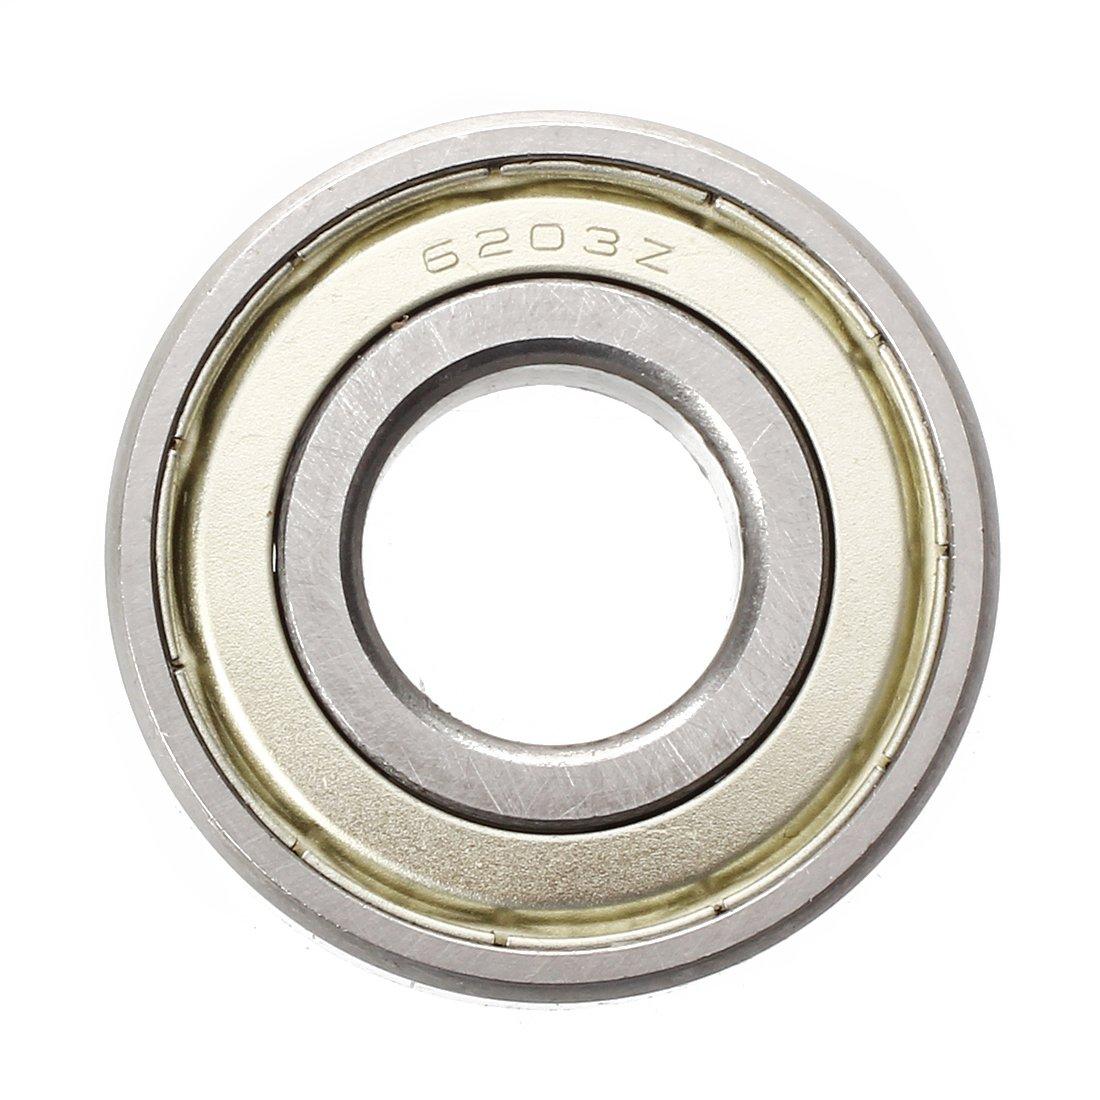 Globalflashdeal 6203Z gola profonda Doppia metallo cuscinetto a sfere